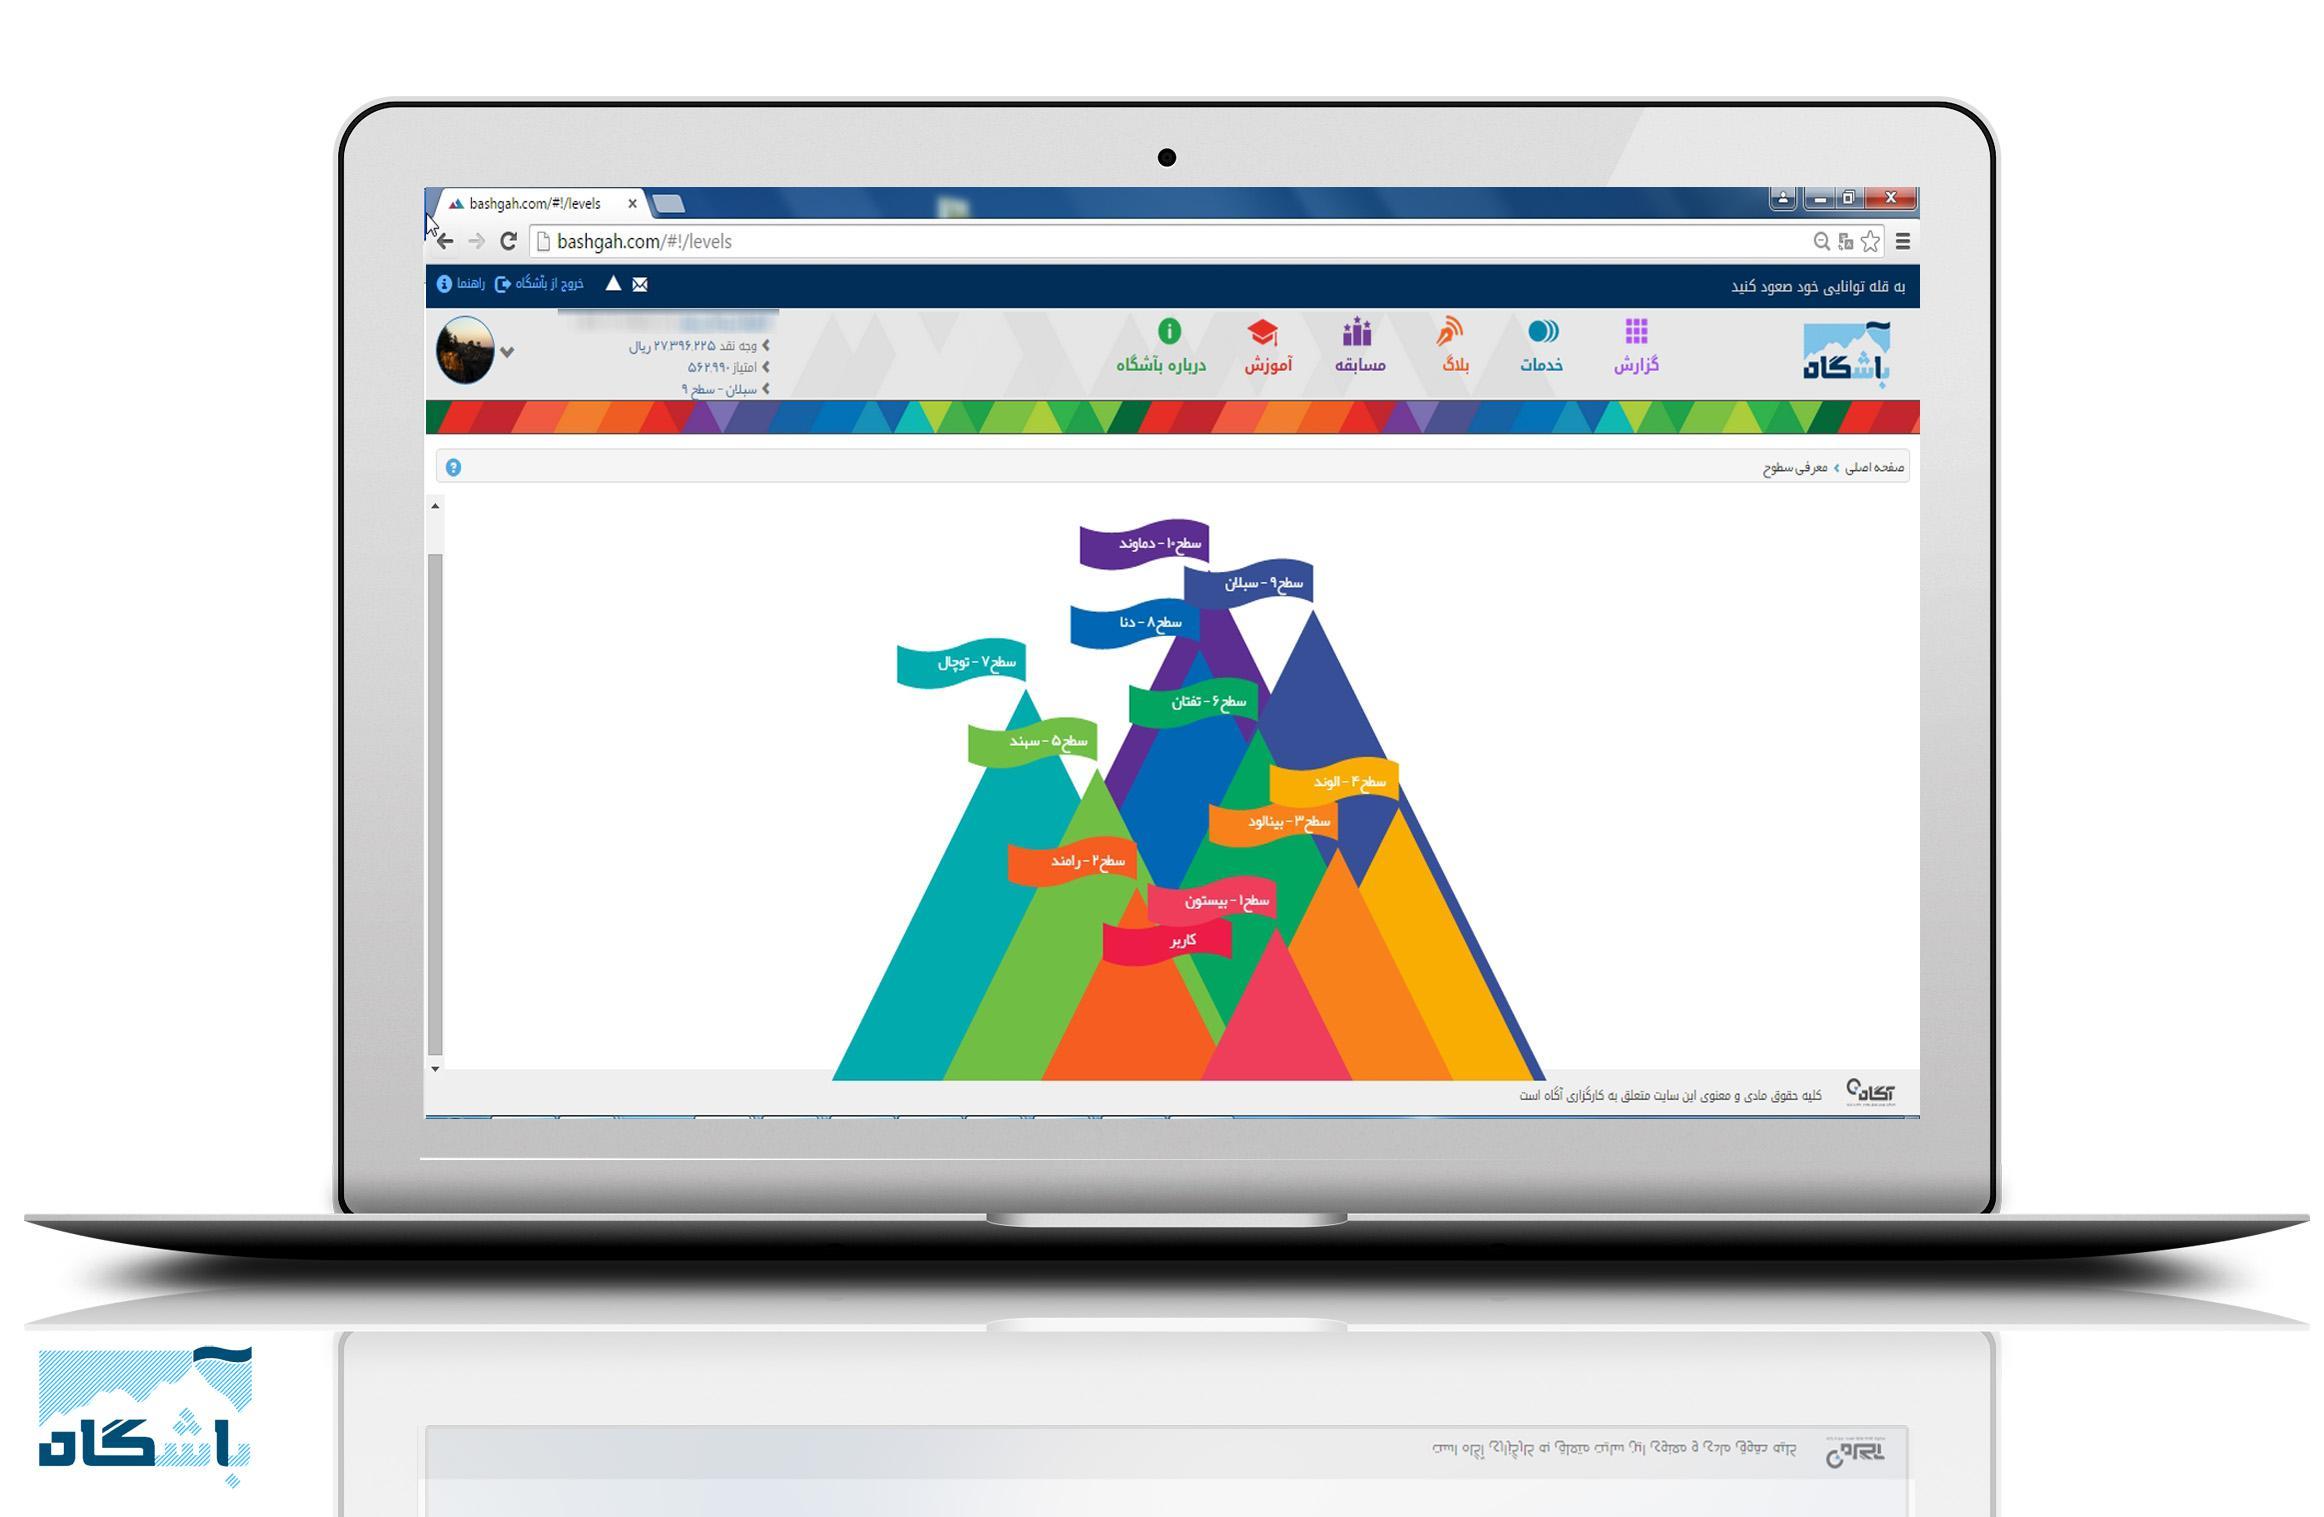 راهنمای بآشگاه مشتریان آگاه، کارگزاری آگاه، ورود به بآشگاه، نحوه ثبت نام در بآشگاه مشتریان، عضویت در بآشگاه، تغییر عکس پروفایل، منوی کاربری بآشگاه، نوار ابزار بآشگاه، محاسبه ريال و امتیاز بآشگاه، انتقال امتیاز, انتقال ژنولوژی, گزارش امتیازات, تراز ريال وهزینه, اتصال با سایر سیستم ها, اتصال با ساعت همفکران, اتصال با سایت آواگلد, ثبت درخواست واریز وجه, مسابقه